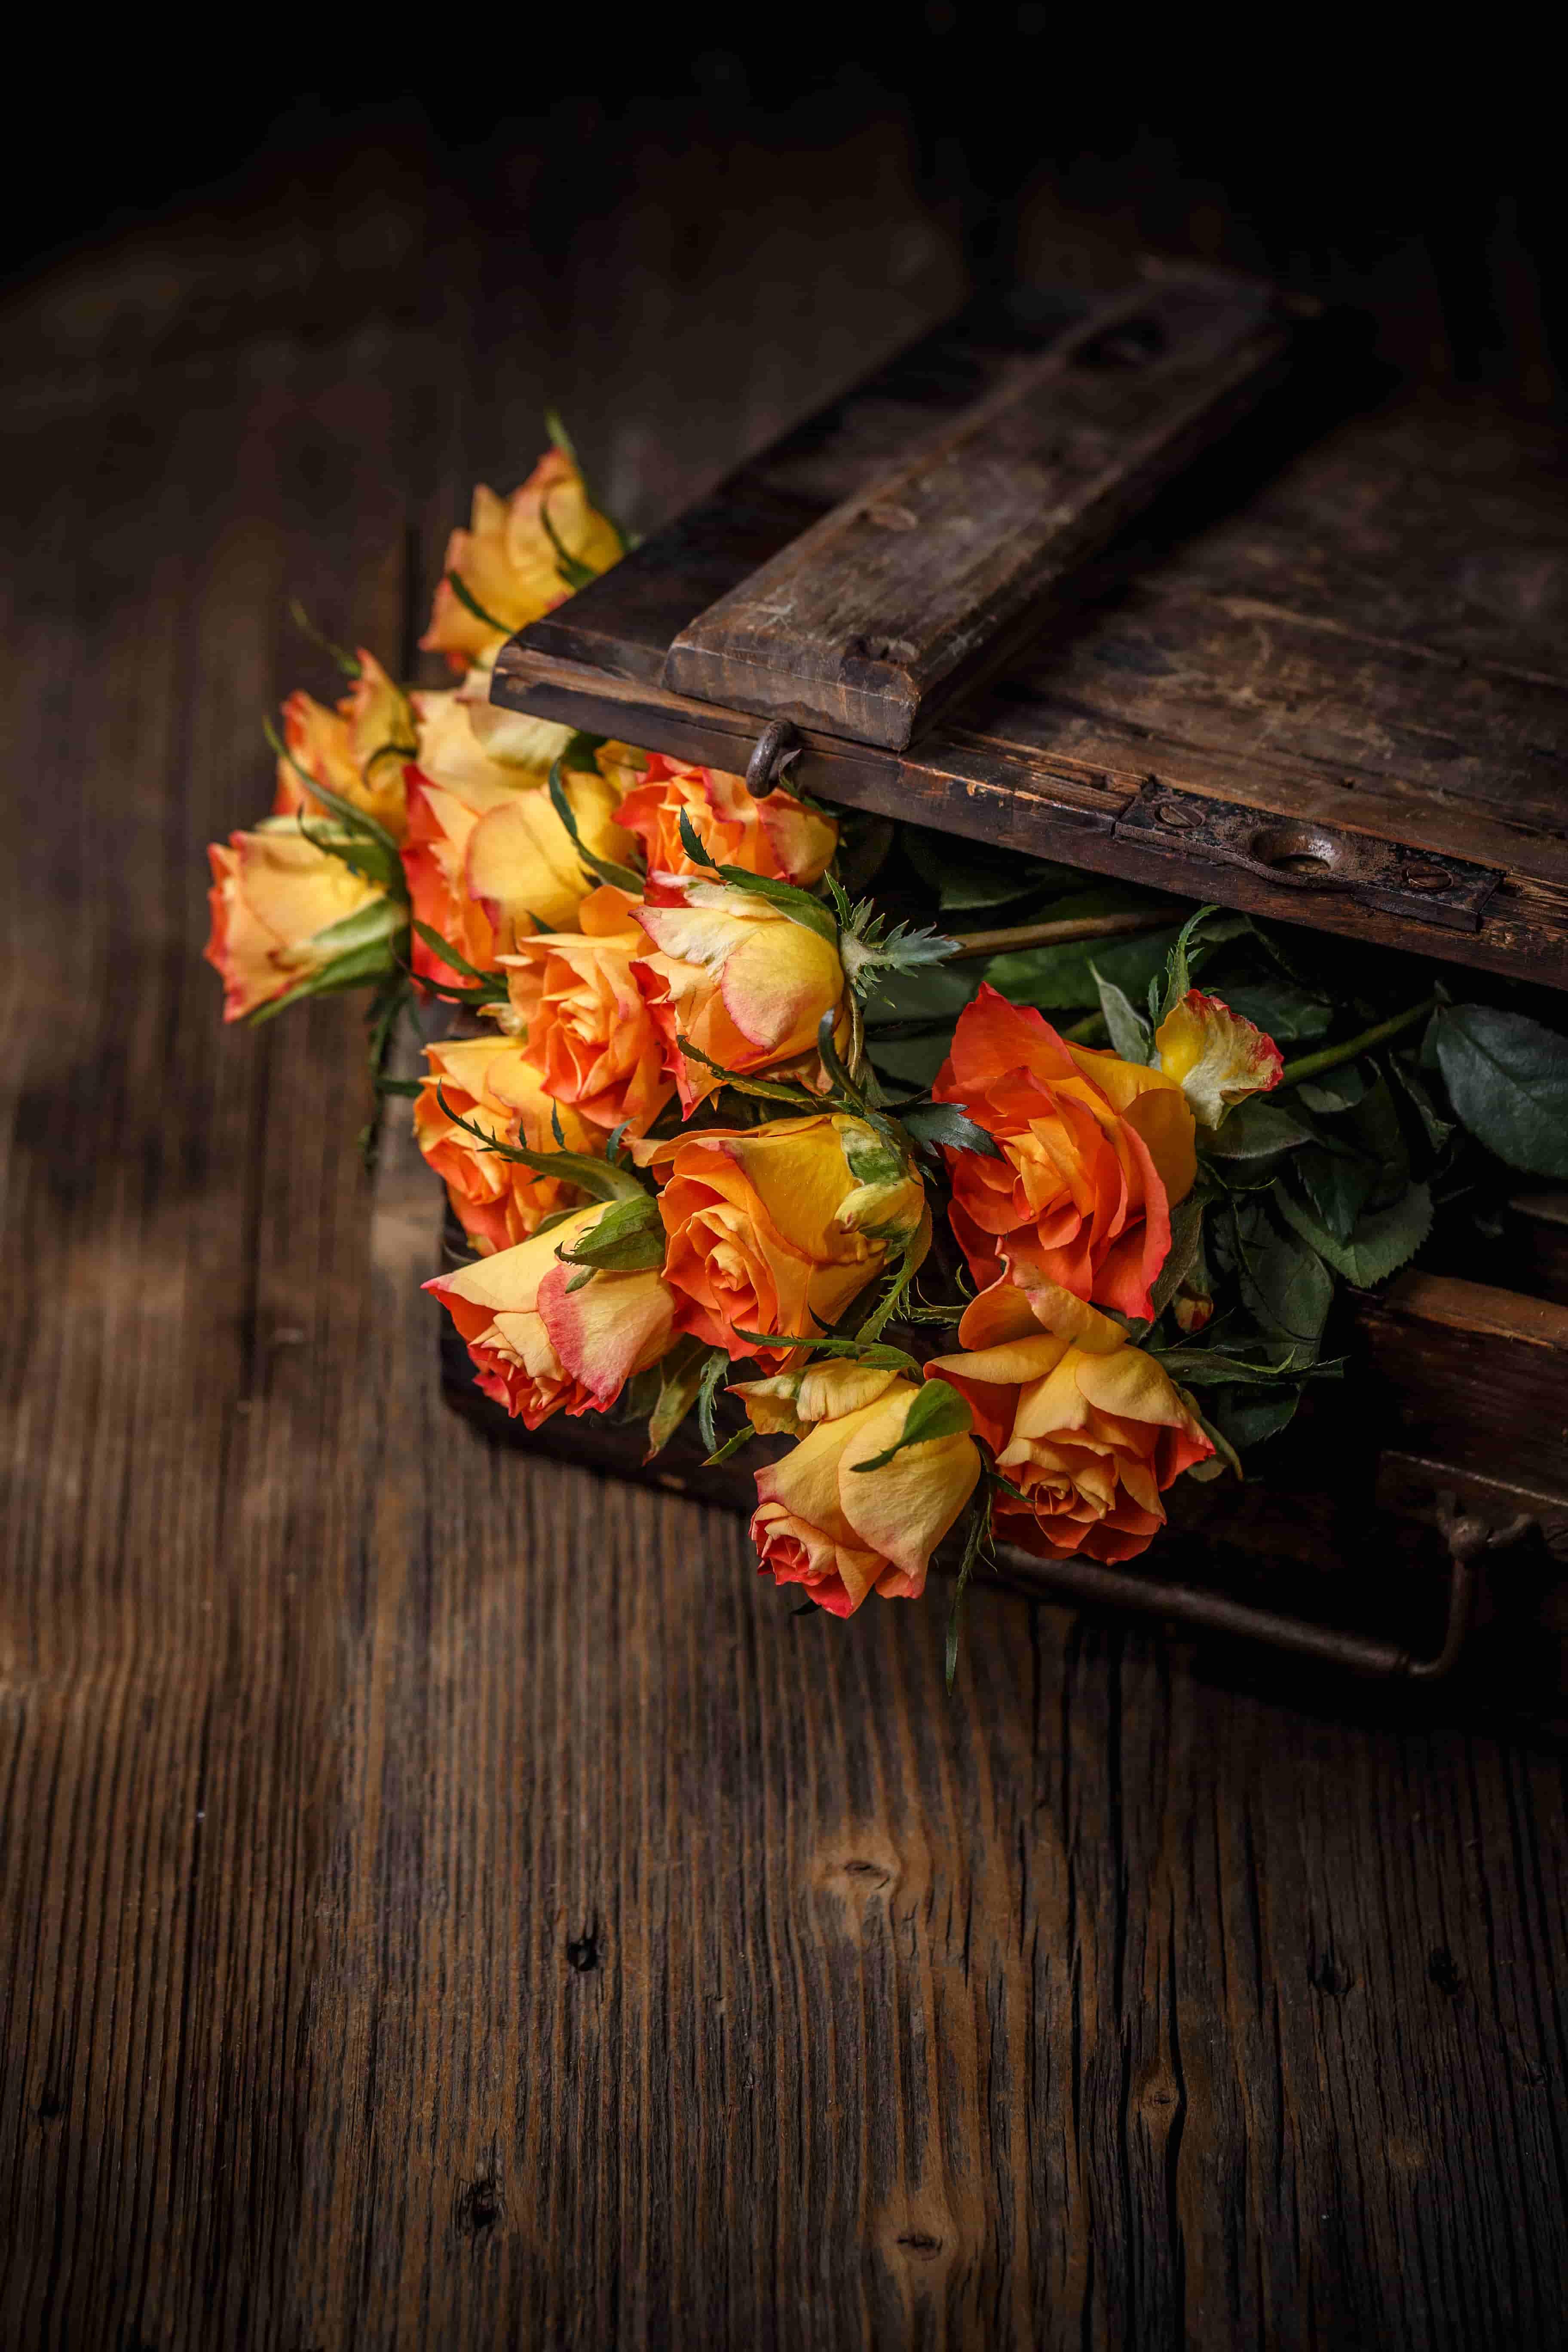 Orange Rose images